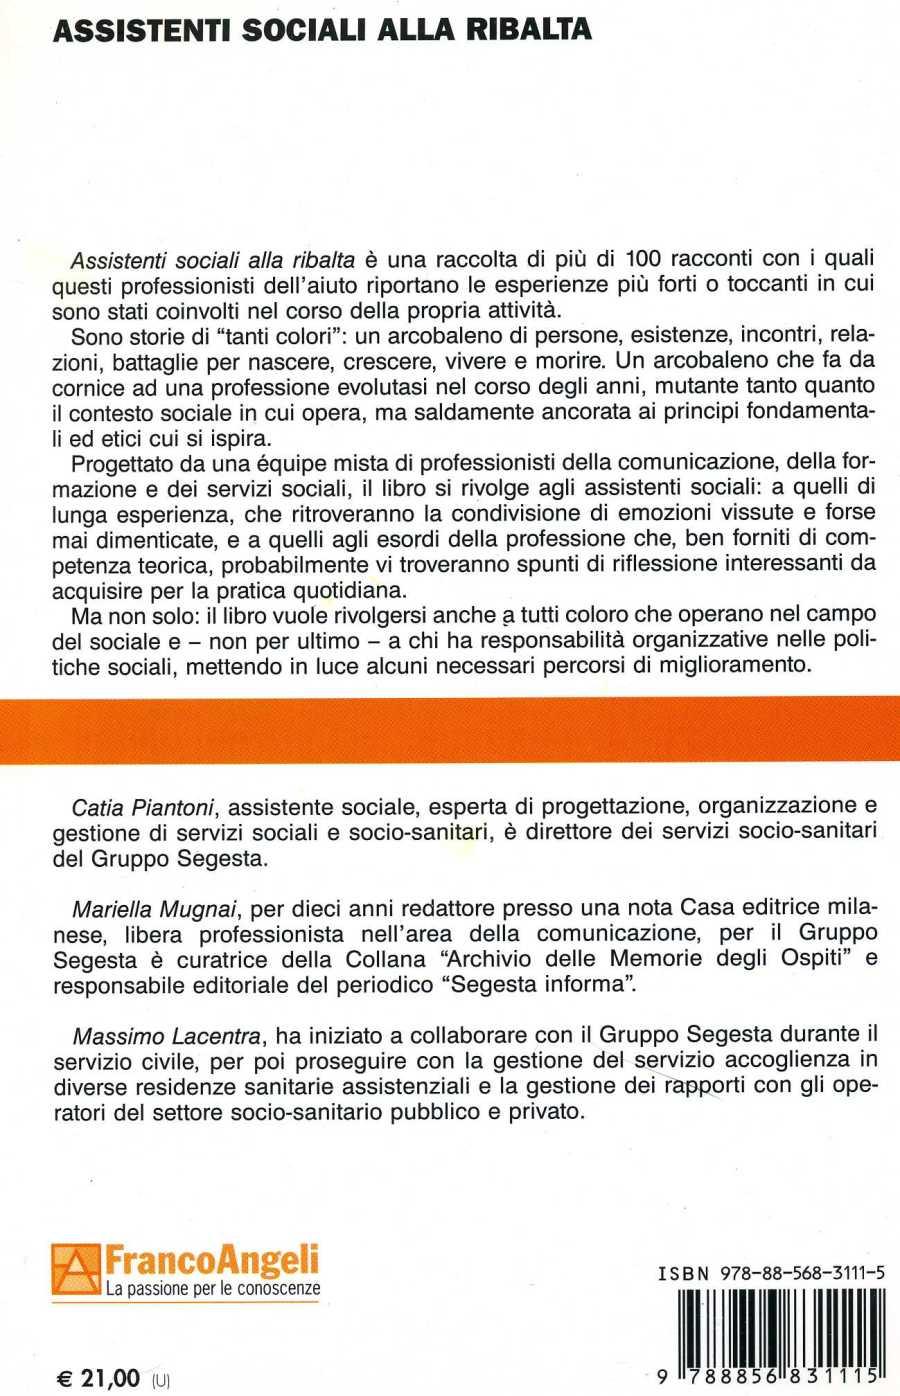 PIANTONI2583